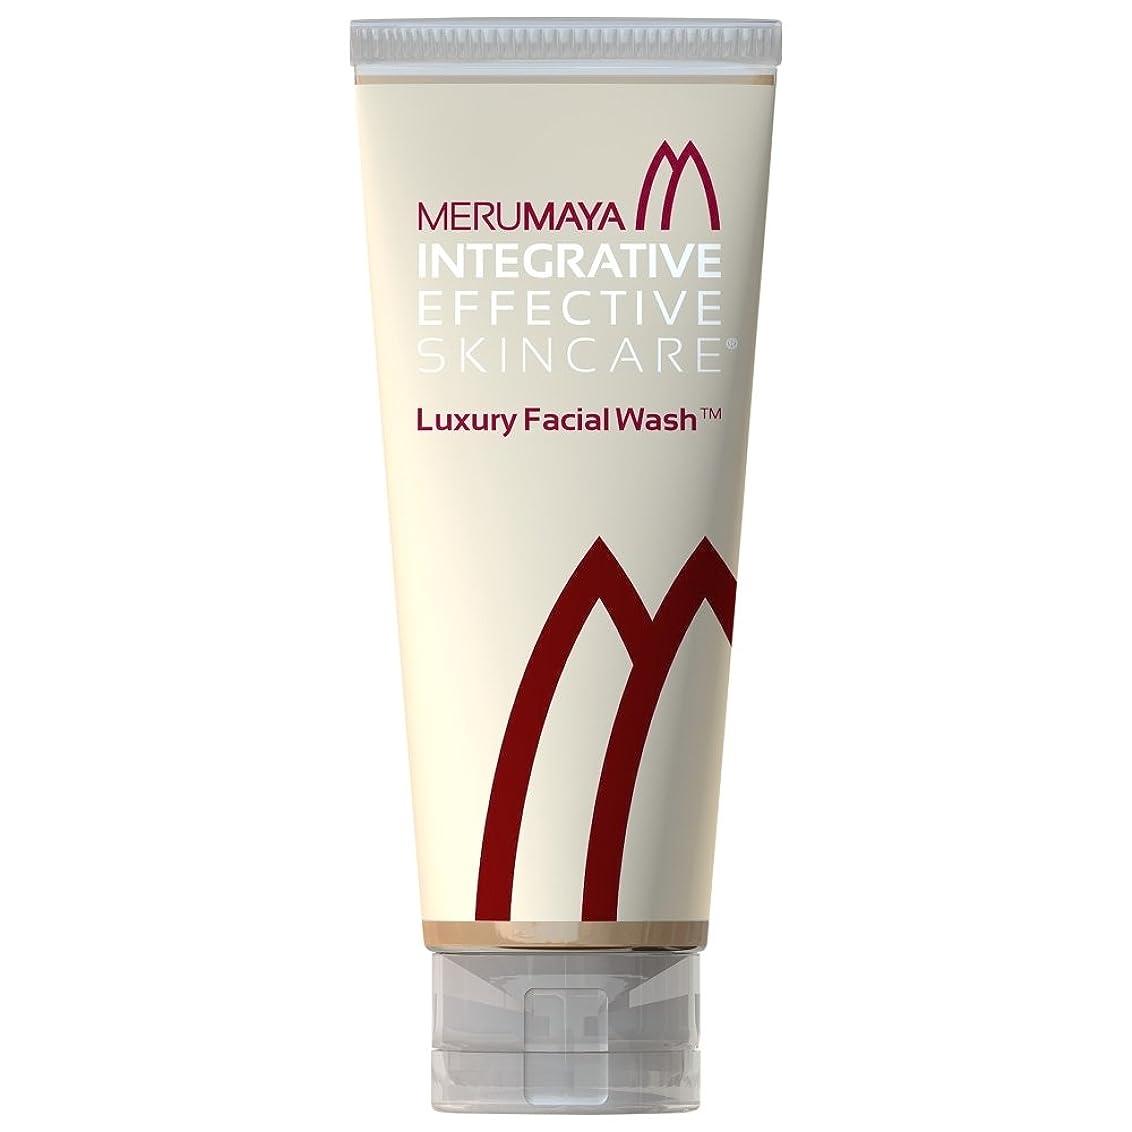 復讐接続封建Merumaya高級洗顔?、100ミリリットル (Merumaya) (x6) - MERUMAYA Luxury Facial Wash?, 100ml (Pack of 6) [並行輸入品]